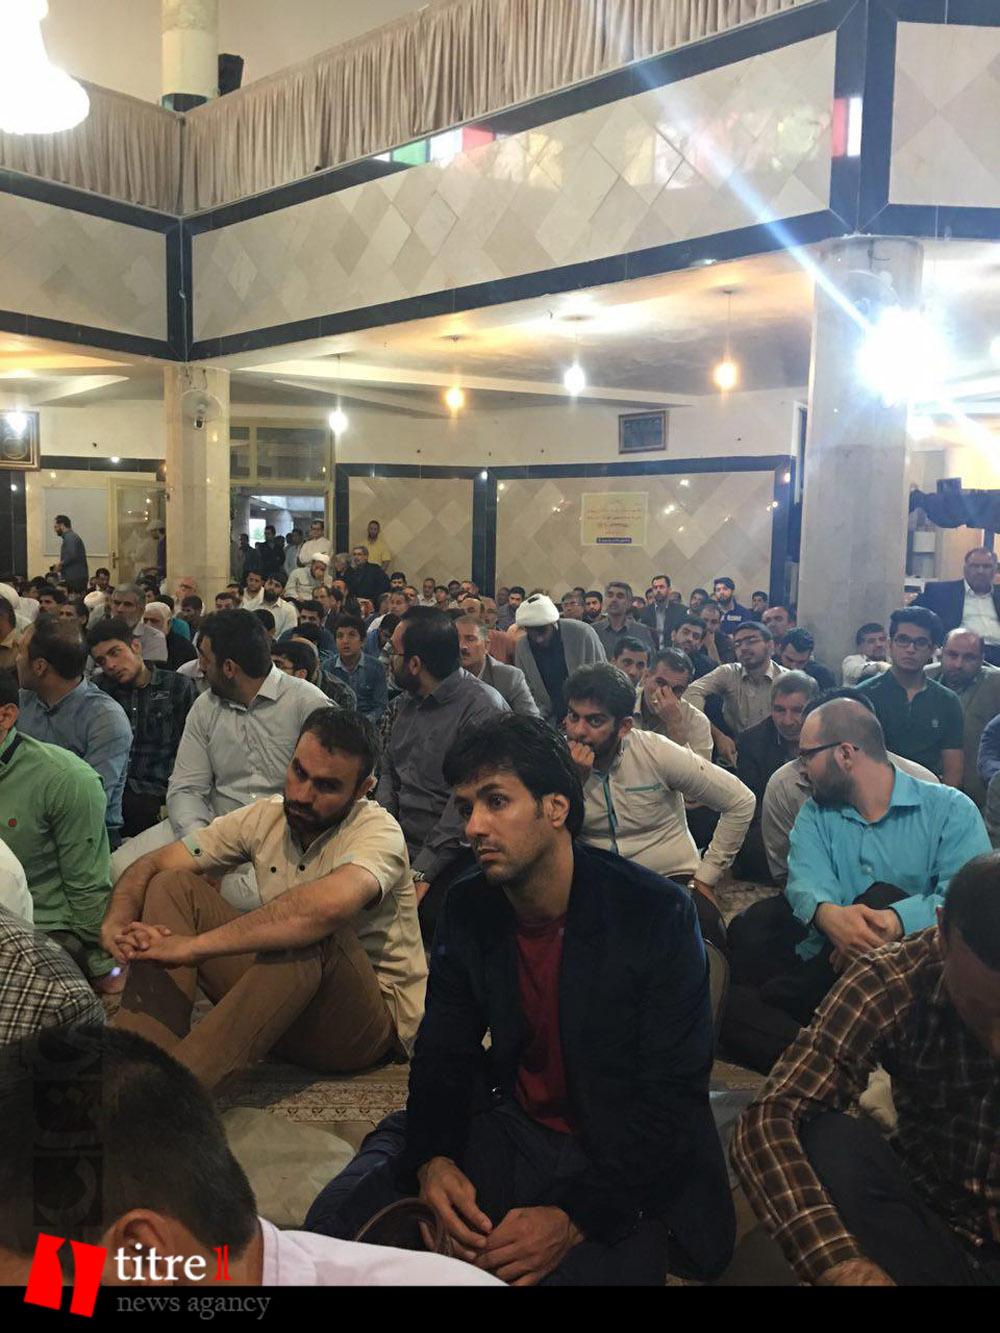 335229 395 نقل از عکسی؛ سخنرانی استاد حسن عباسی در مراسم اولین سالگرد شهید مدافع حرم حاج سعید قارلقی